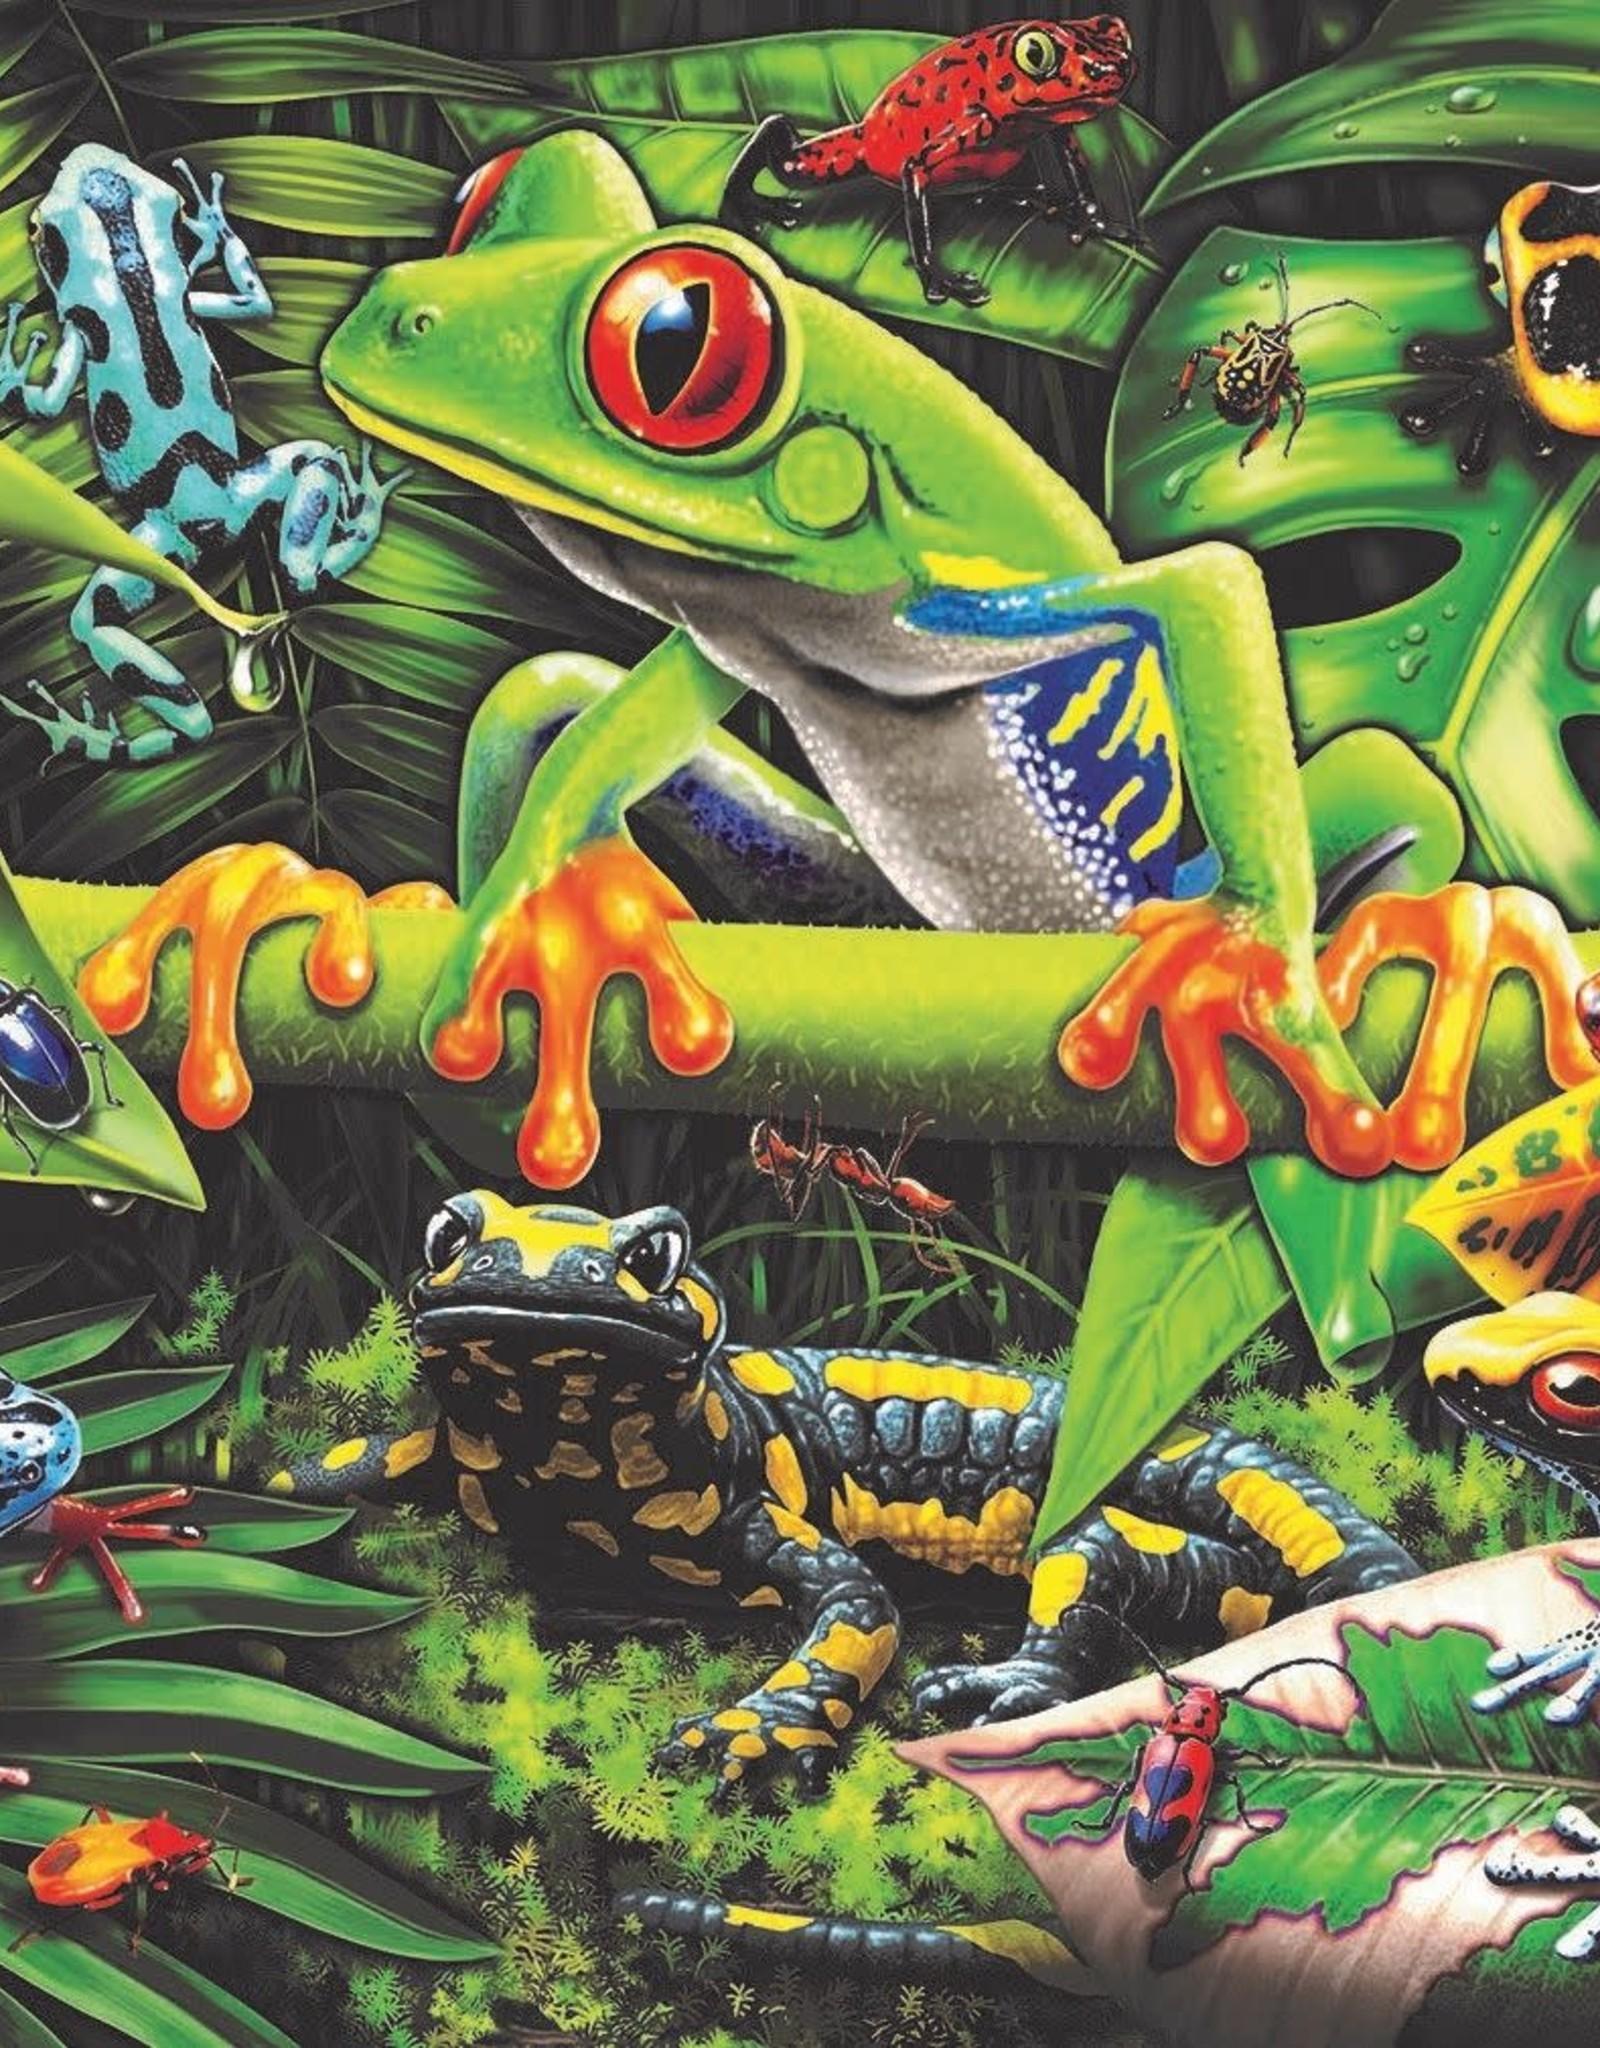 Ravensburger 35pc Amazing Amphibians